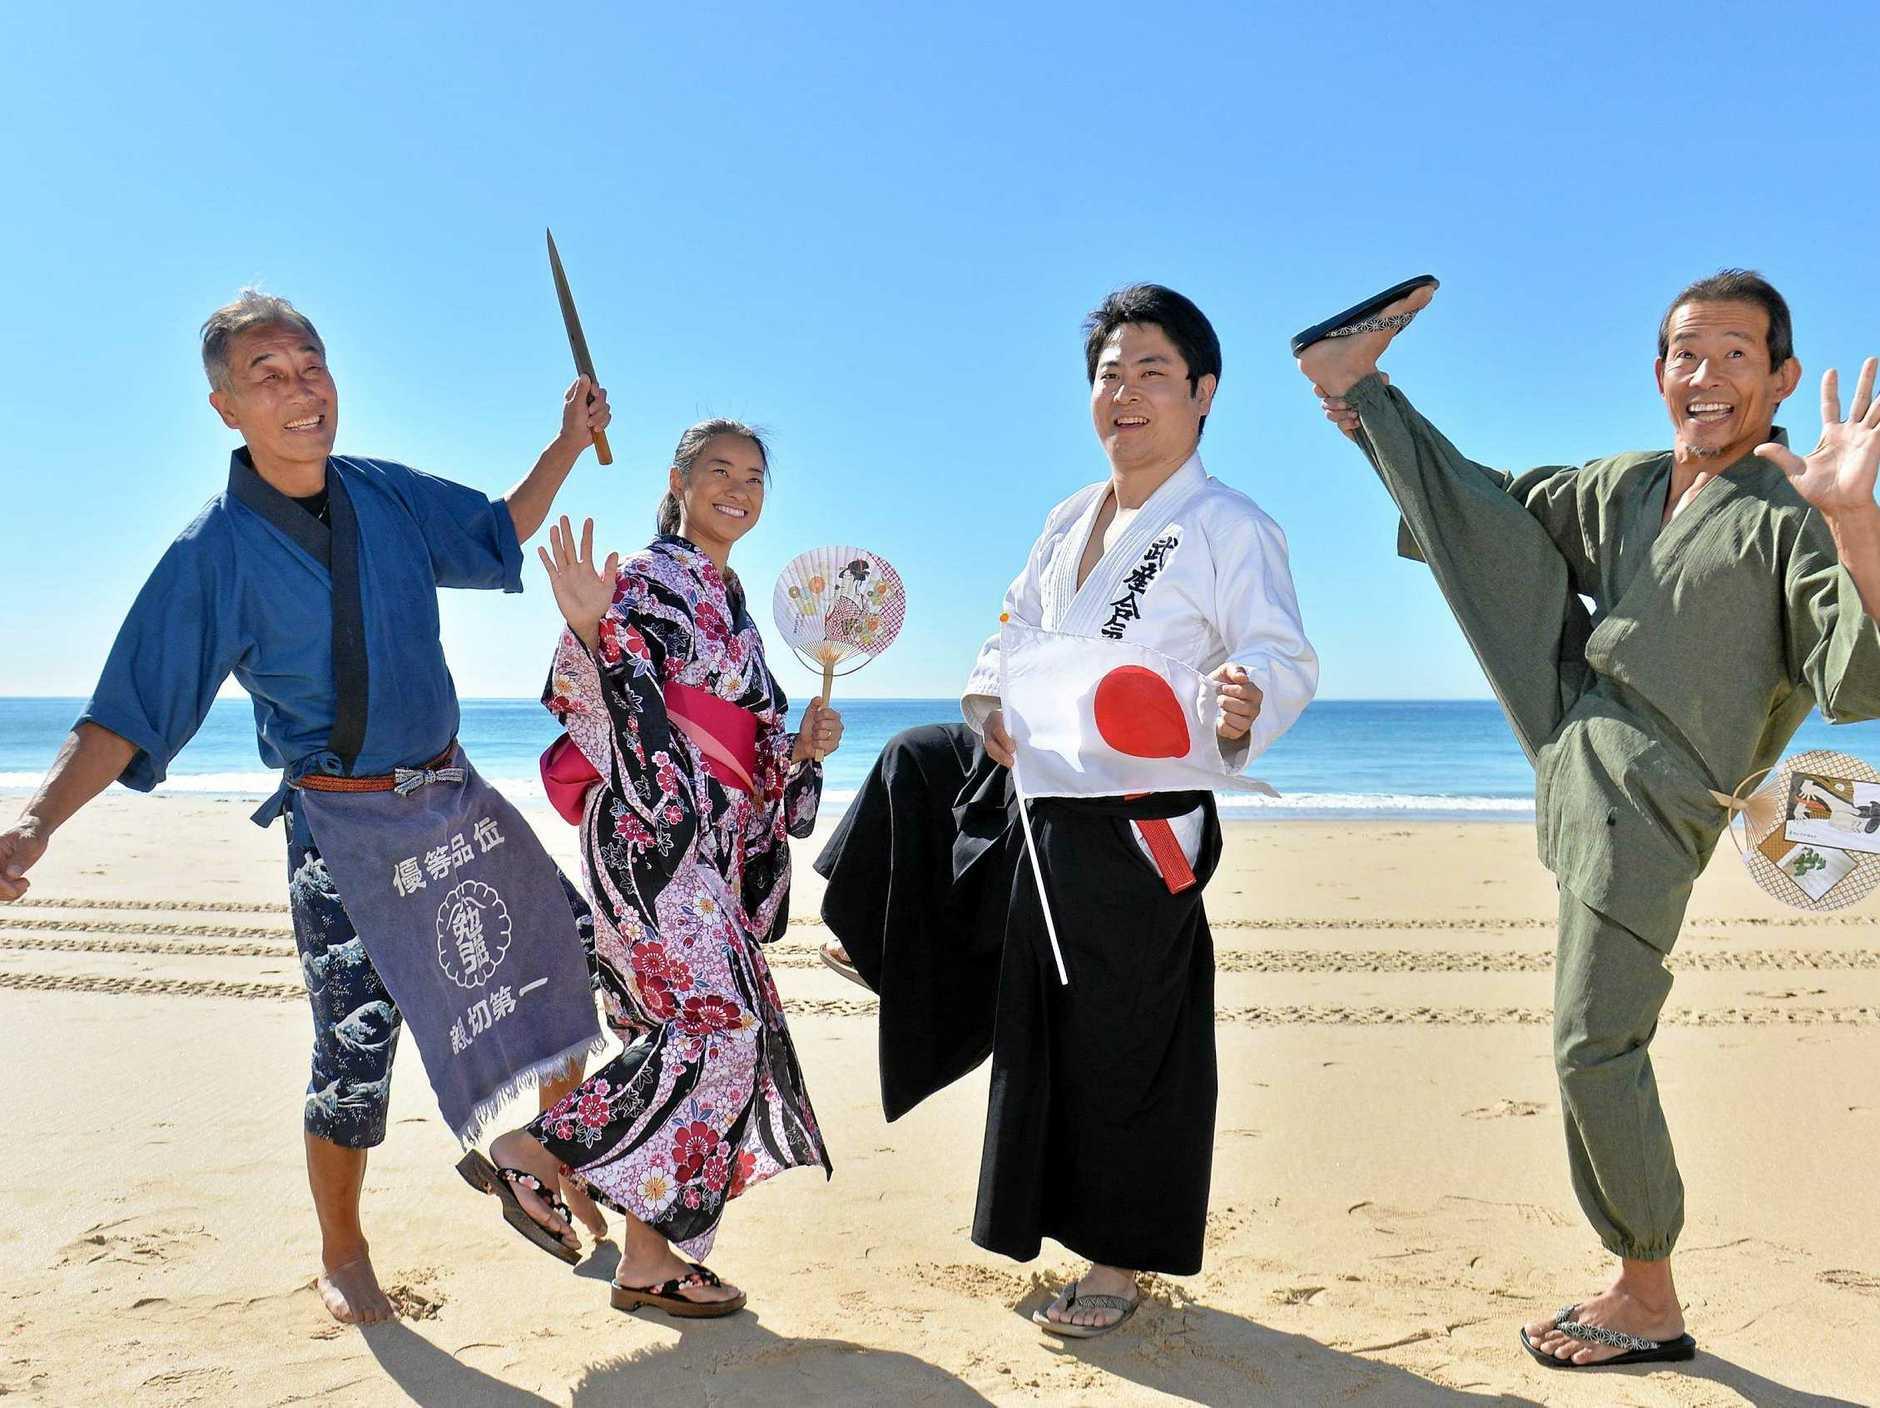 JAPAN FESTIVAL: In festival mode are Shiro Kitamura, Maiko Tsukimori, Tomo Akutsu and Genta Tsukimori.